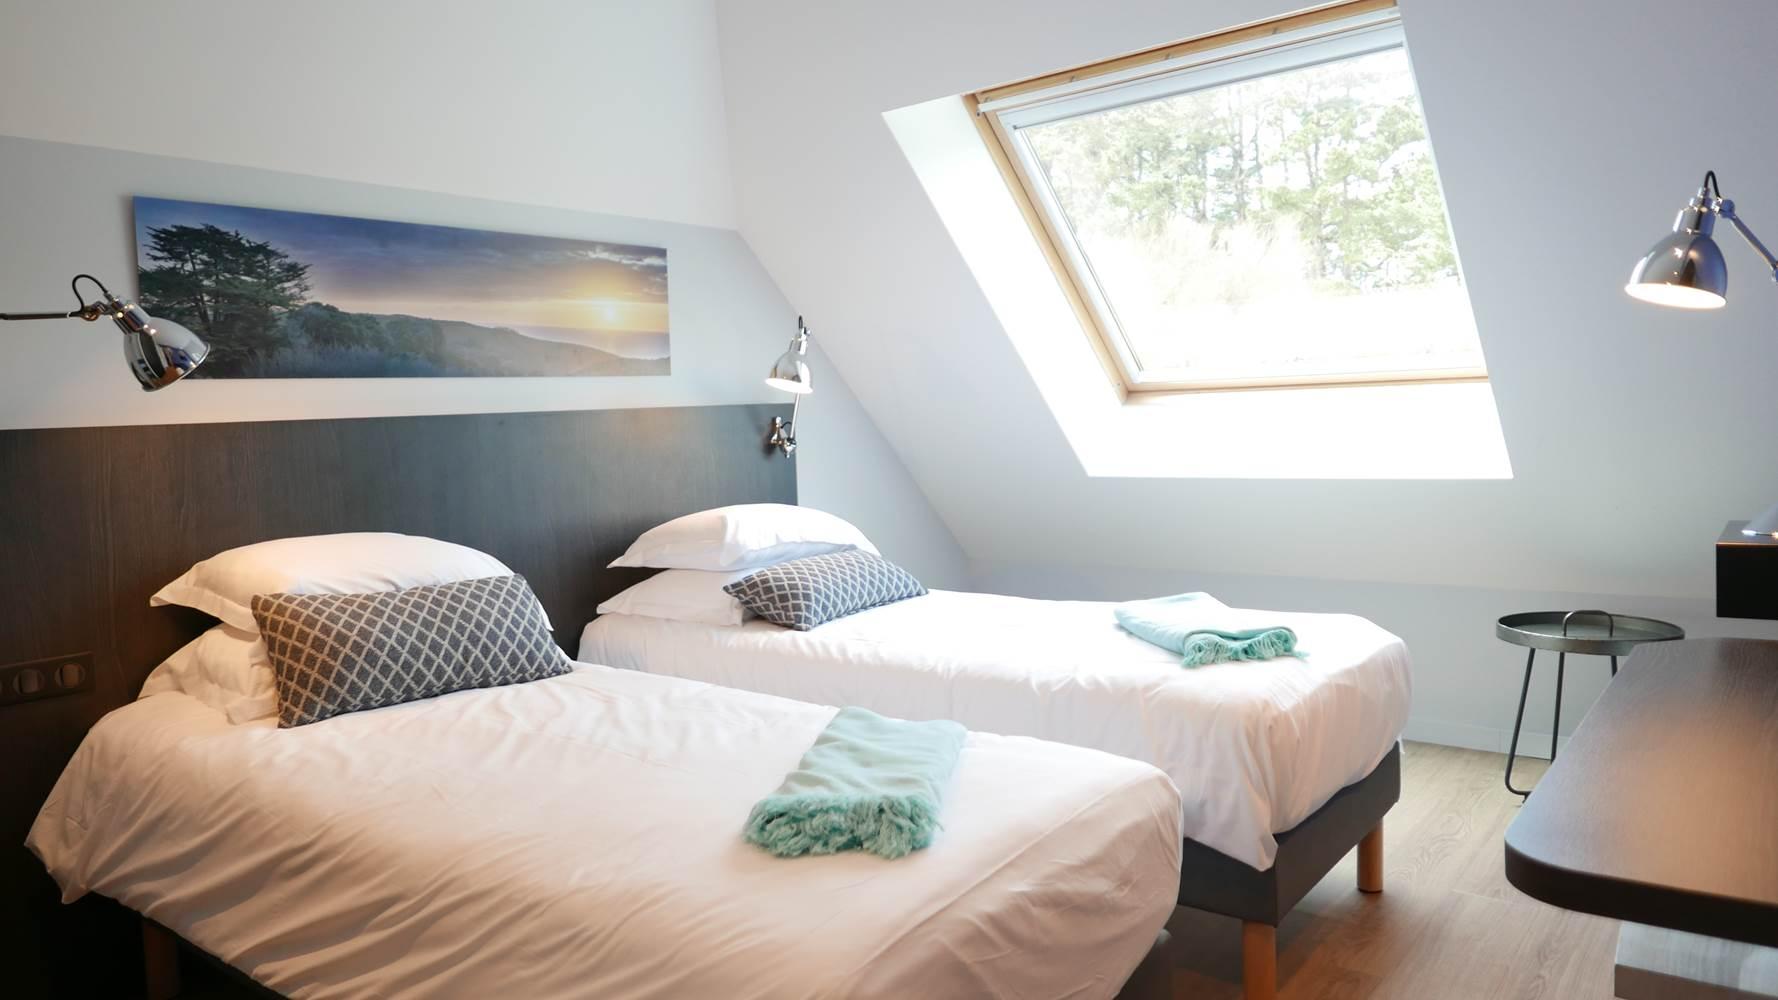 hotel-cardinal-chambre-enfant-campagne-appartement-familiale-vue ©